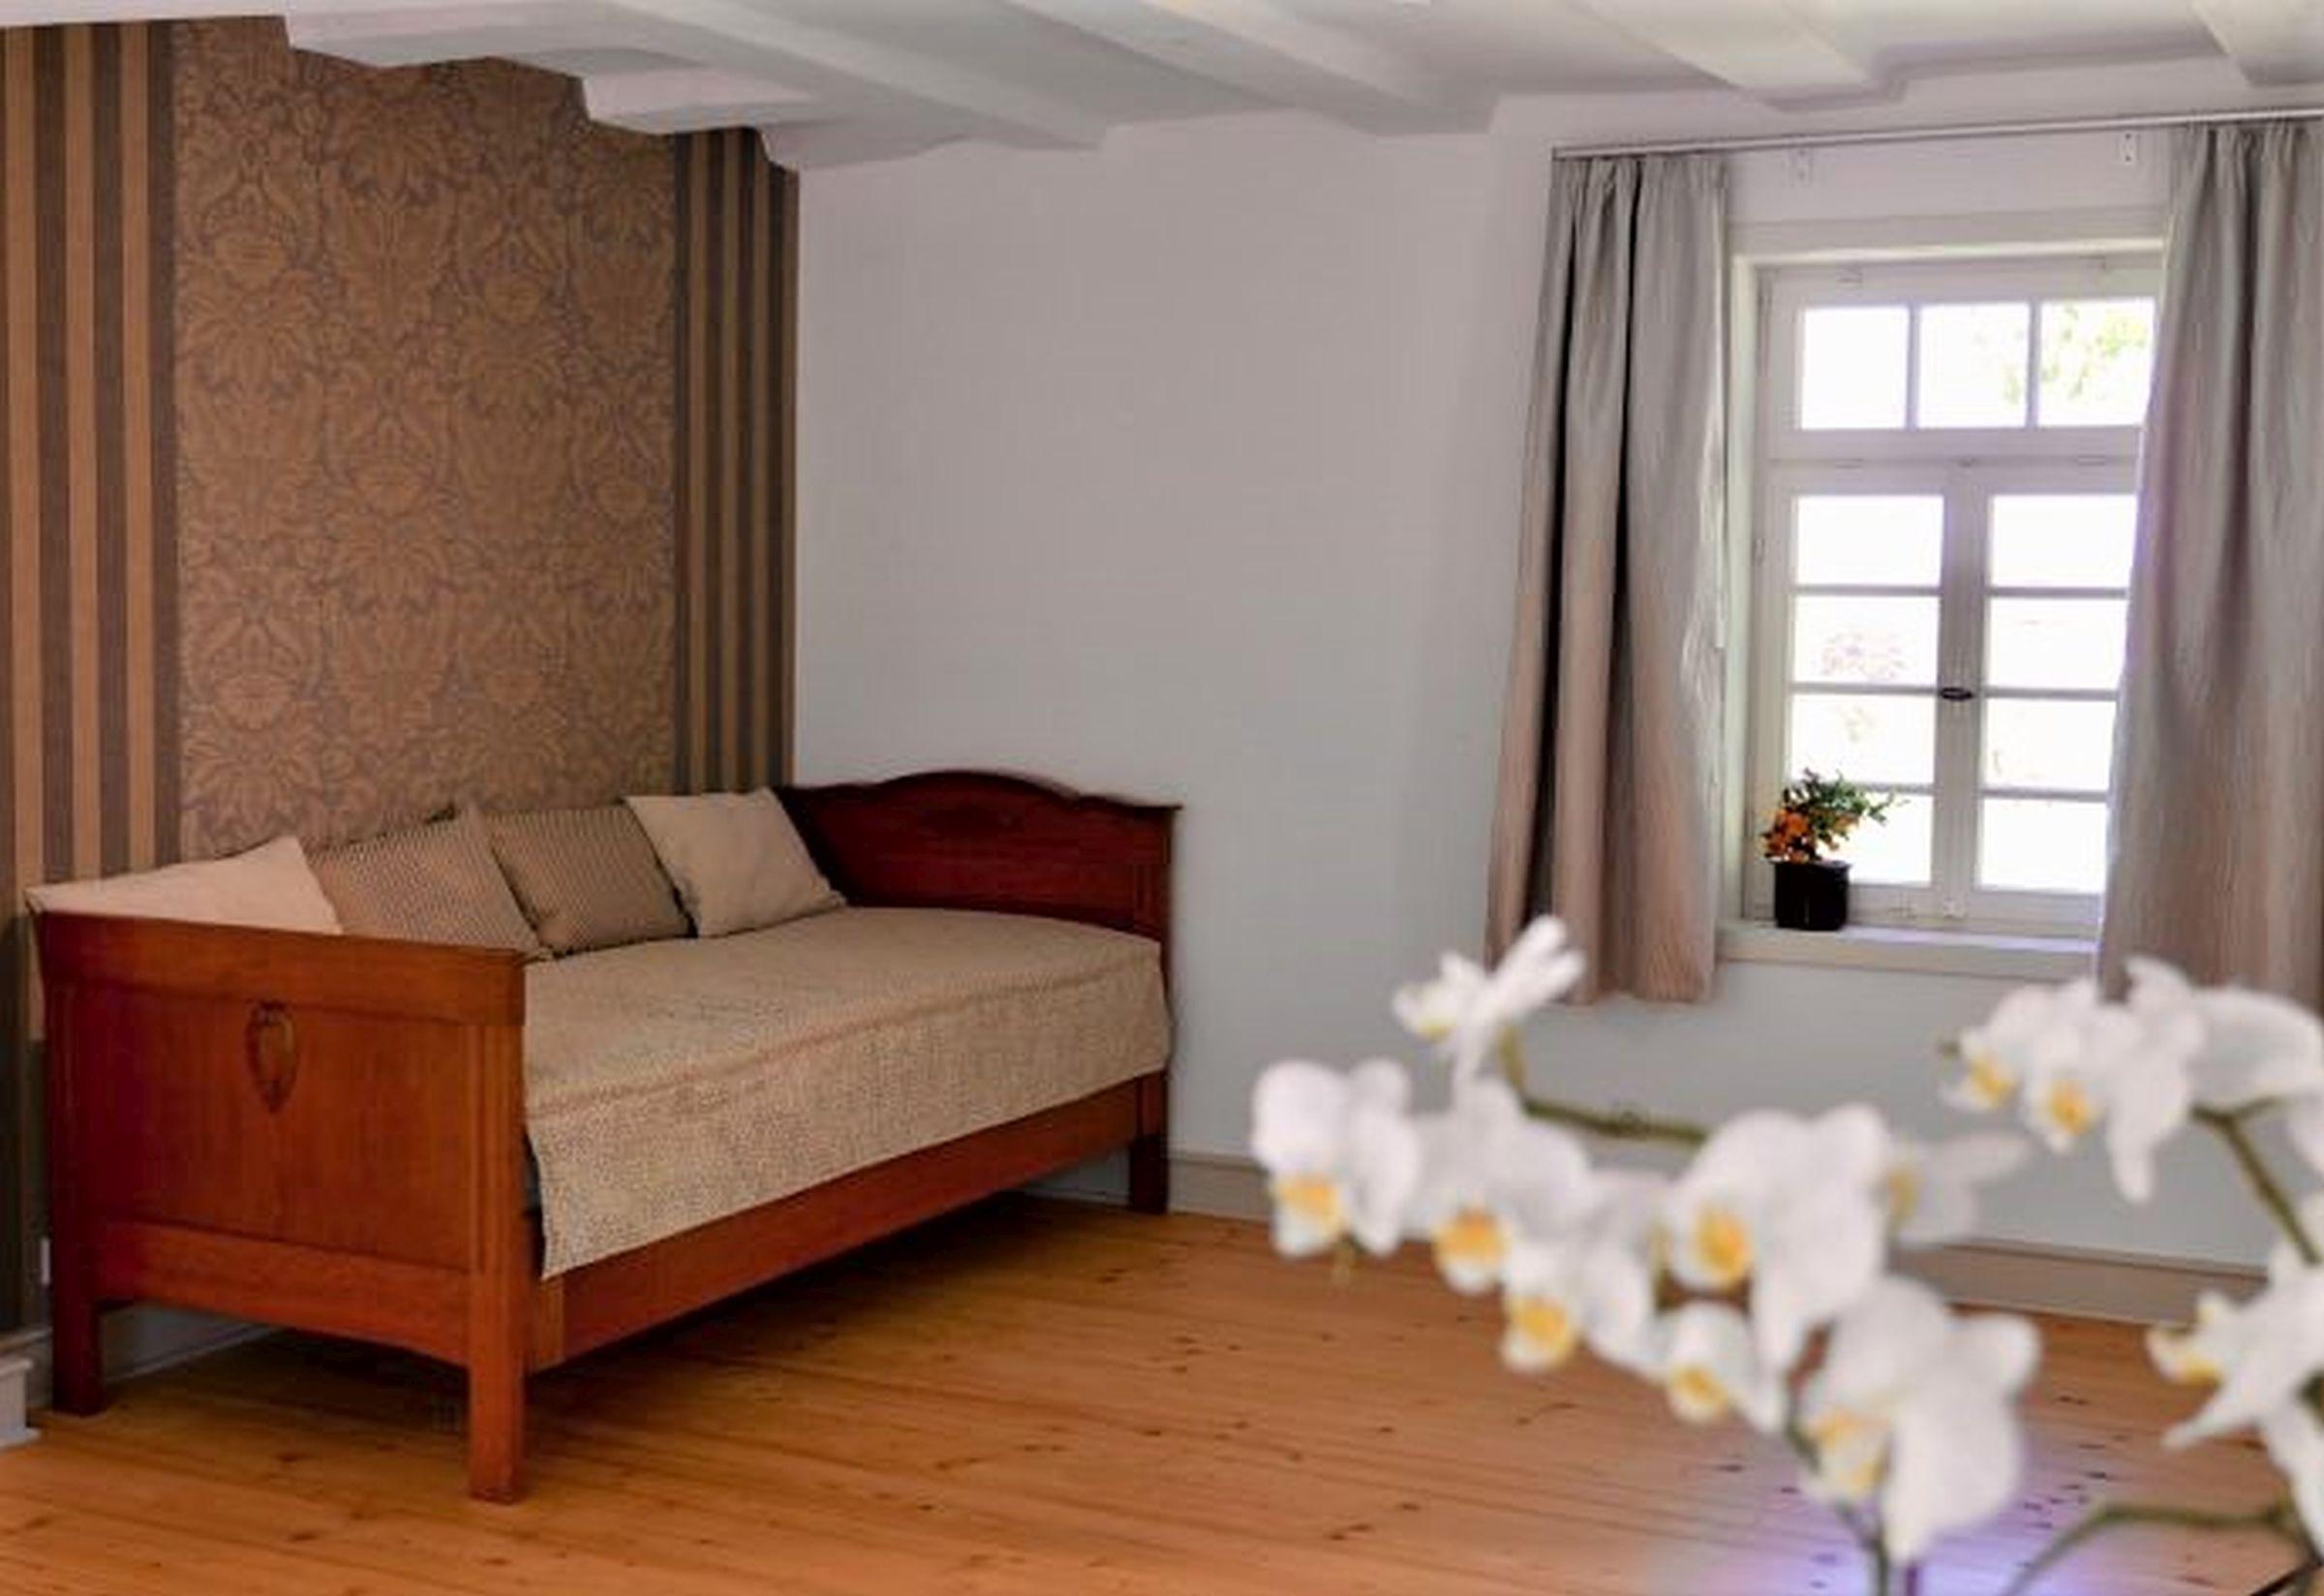 Ferienhaus Gutshof Gästehaus (Frielendorf). Historisches Schäferhaus, 70qm, Terrasse, 1 Schlafzimmer, (2546851), Frielendorf, Nordhessen, Hessen, Deutschland, Bild 17